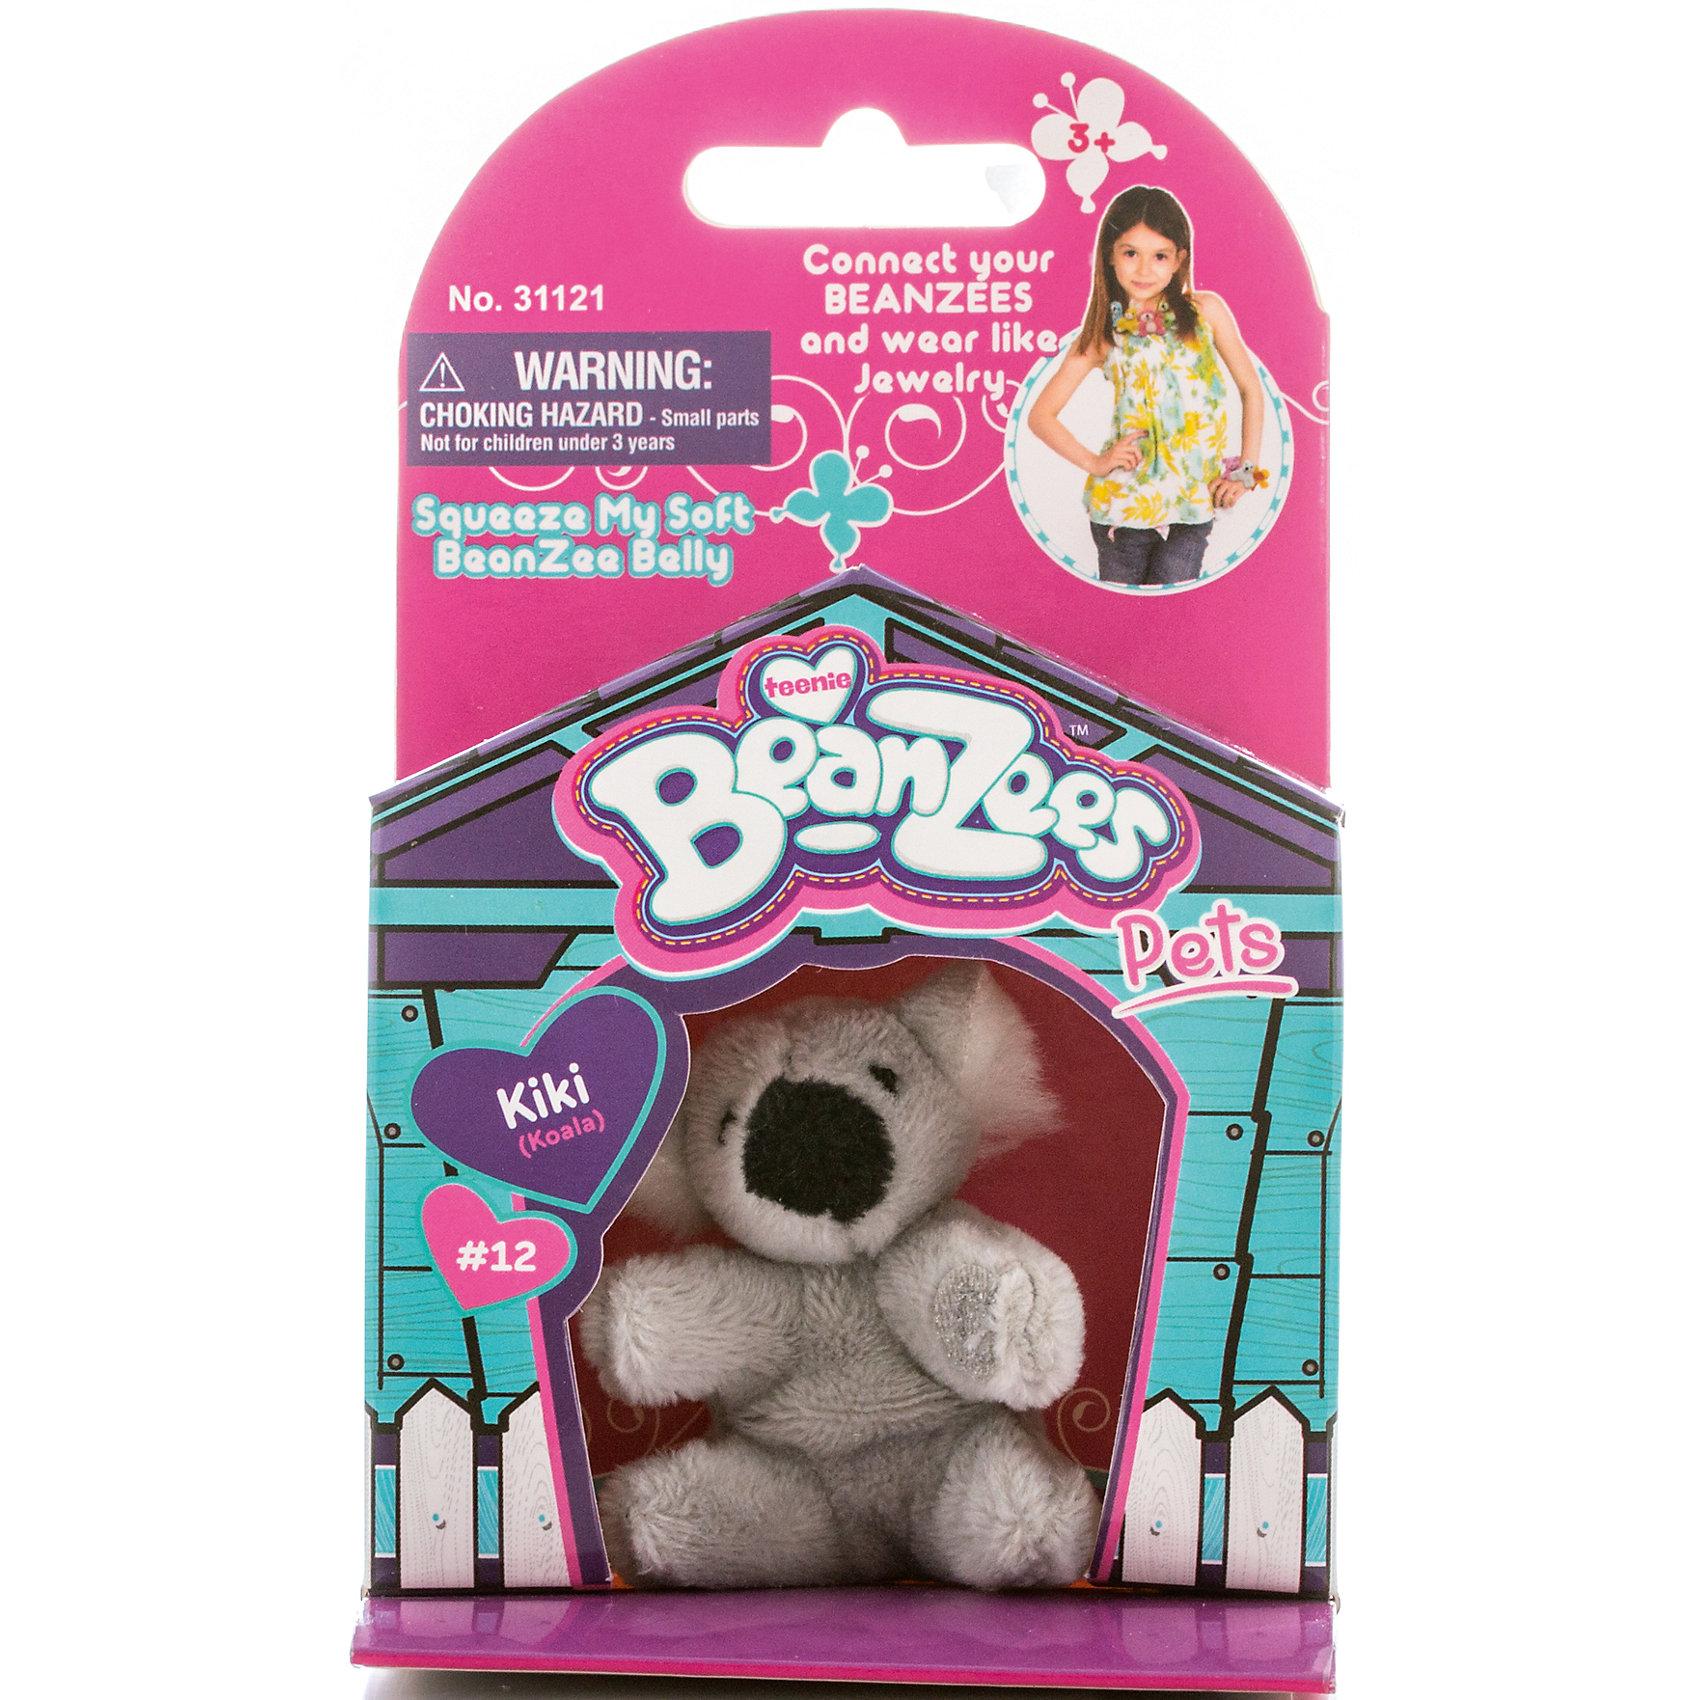 Мини-плюш Коала, BeanzeezМягкие игрушки животные<br>Характеристики товара:<br><br>• особенности: наличие на лапках липучек, игрушку можно соединять с другими героями из серии<br>• материал: пластик, текстиль<br>• размер упаковки: 9х5,5х14,5 см.<br>• высота игрушки: 5 см<br>• возраст: от 3 лет<br>• страна бренда: США<br>• страна производства: Китай<br><br>Такая симпатичная игрушка не оставит ребенка равнодушным! Какой малыш откажется поиграть с маленькими плюшевыми игрушками из большой пушистой коллекции?! Игрушки очень качественно выполнены, поэтому такая фигурка станет отличным подарком ребенку. Благодаря липучкам на лапках животных можно соединить между собой. Дети приходят в восторг от этих игрушек!<br>Такие предметы помогают ребенку отрабатывать новые навыки и способности - развивать ловкость, мелкую моторику, воображение, мышление, логику. Изделие производится из качественных сертифицированных материалов, безопасных даже для самых маленьких.<br><br>Мини-плюш Коала от бренда Beanzeez можно купить в нашем интернет-магазине.<br><br>Ширина мм: 50<br>Глубина мм: 140<br>Высота мм: 85<br>Вес г: 73<br>Возраст от месяцев: 36<br>Возраст до месяцев: 2147483647<br>Пол: Женский<br>Возраст: Детский<br>SKU: 5218680